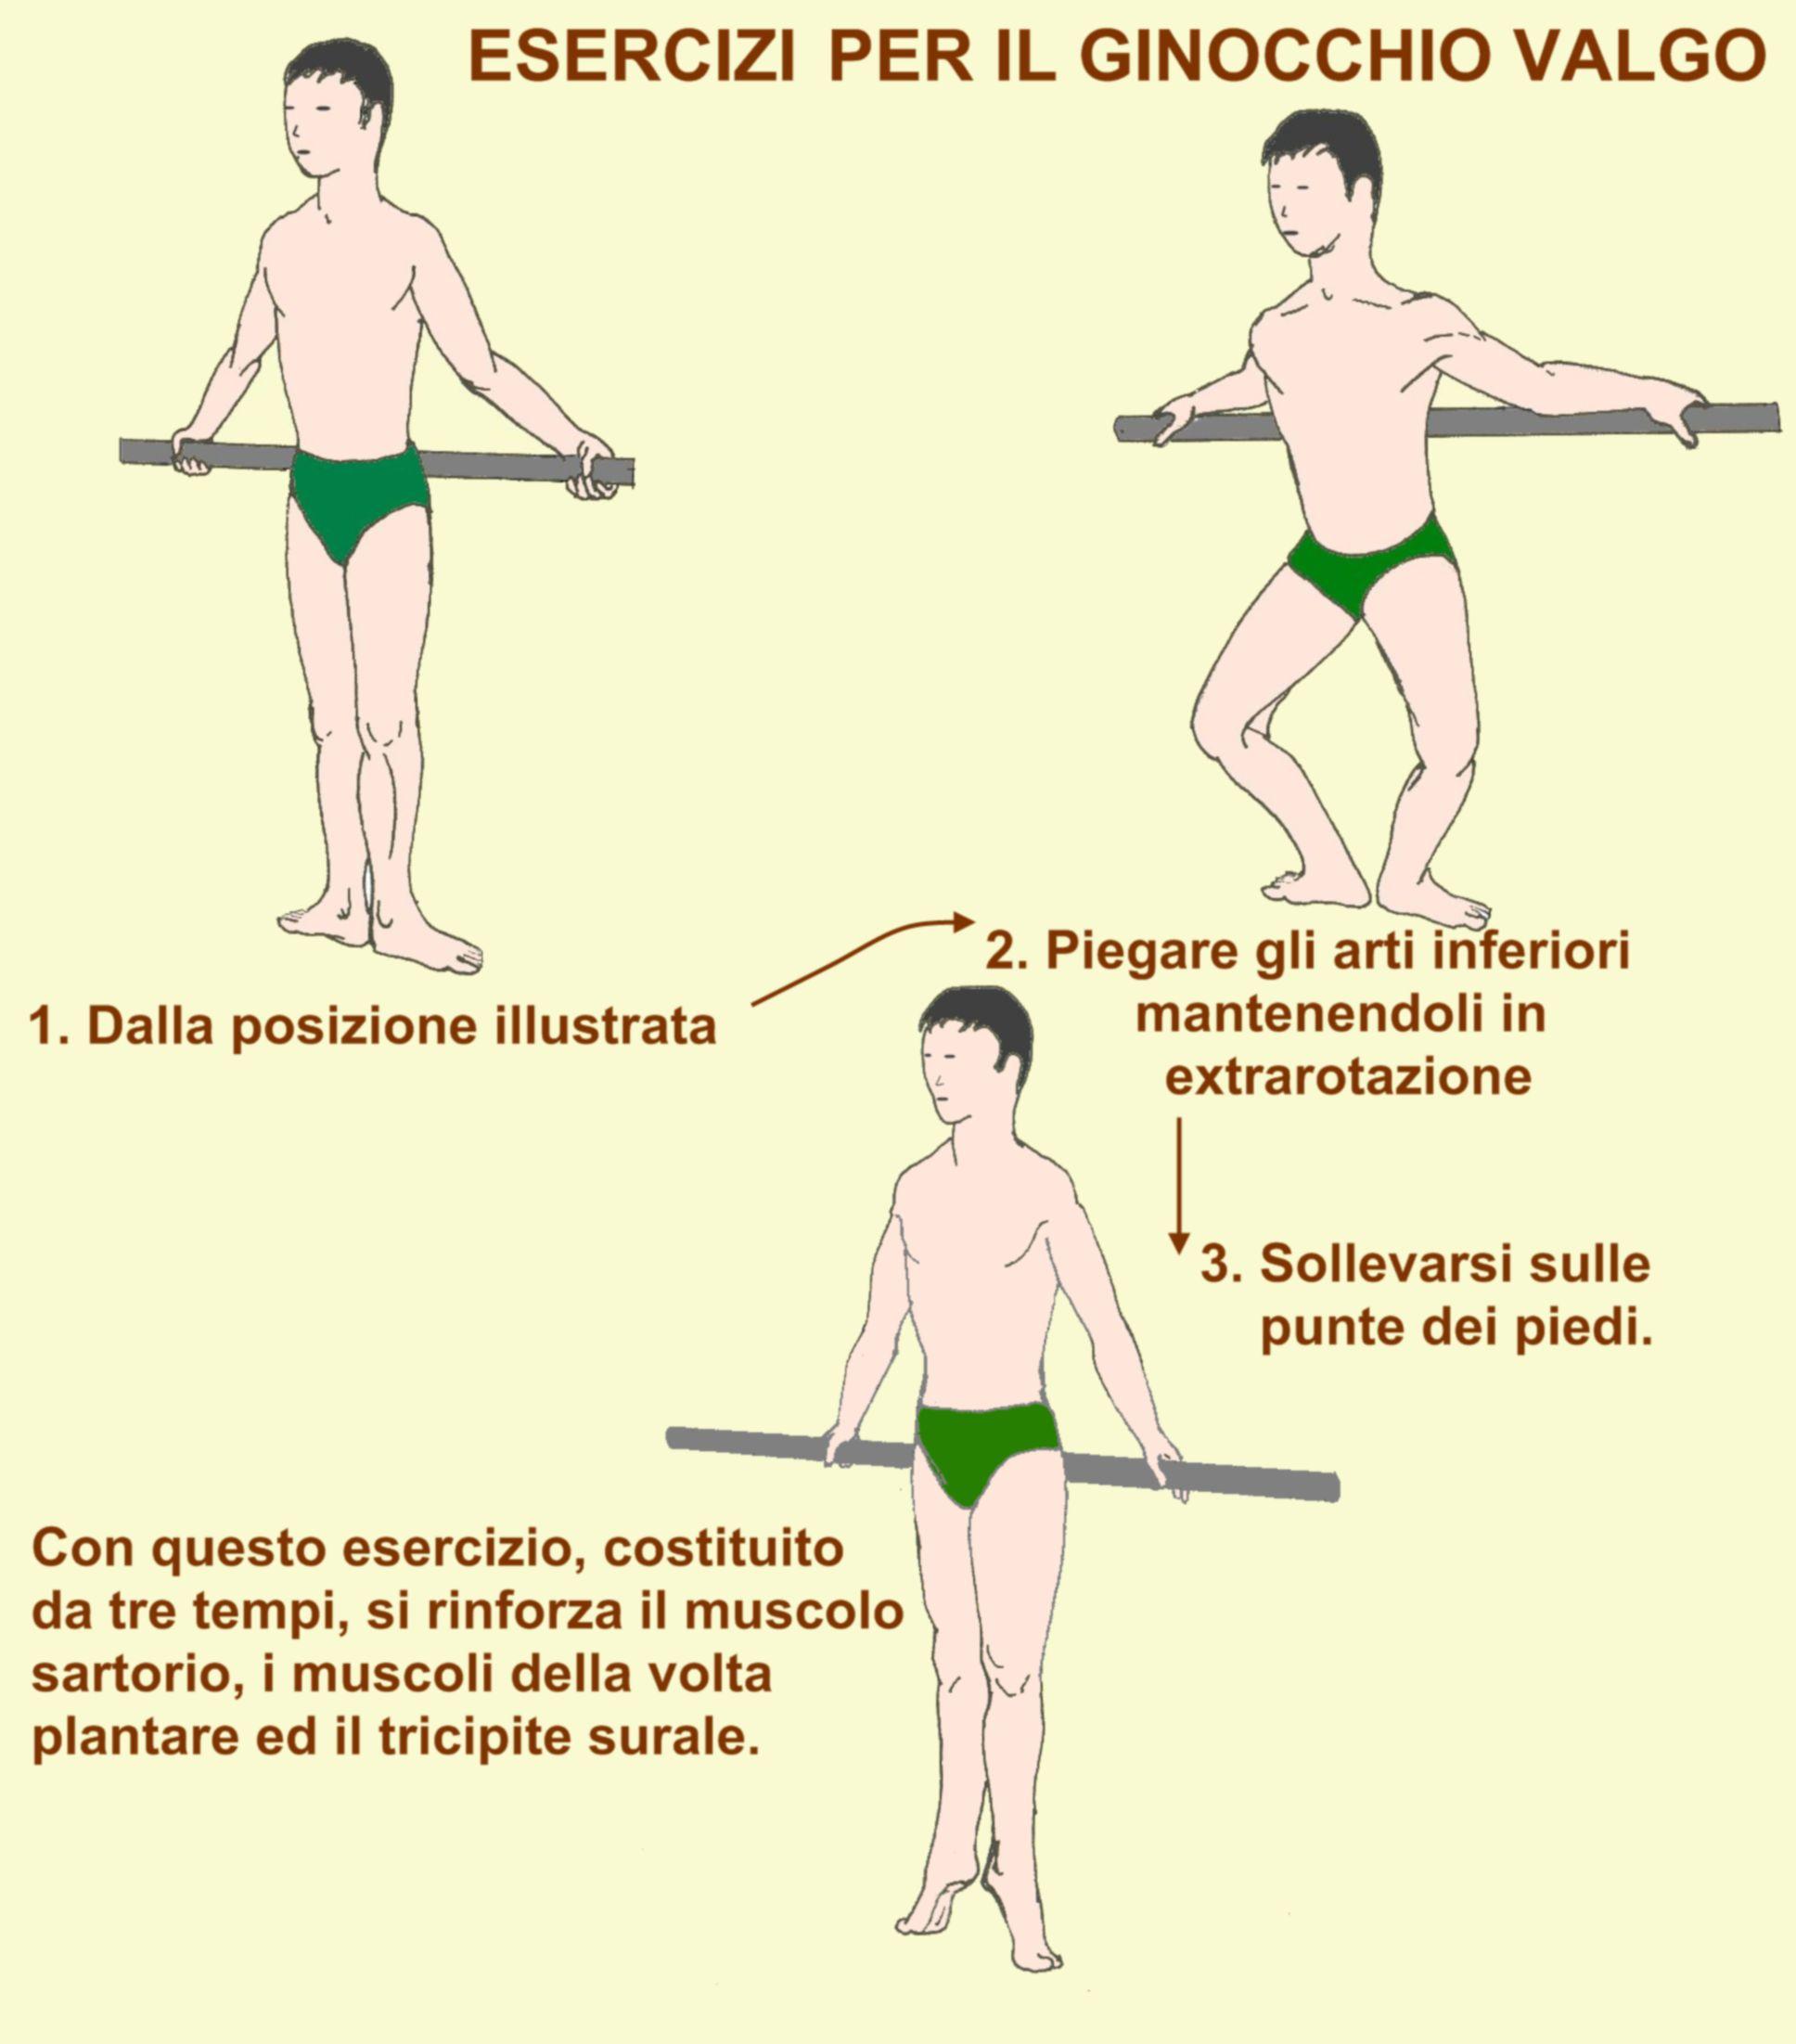 Ossa Muscoli Articolazioni Dizionario Medico Gruppi Muscolari